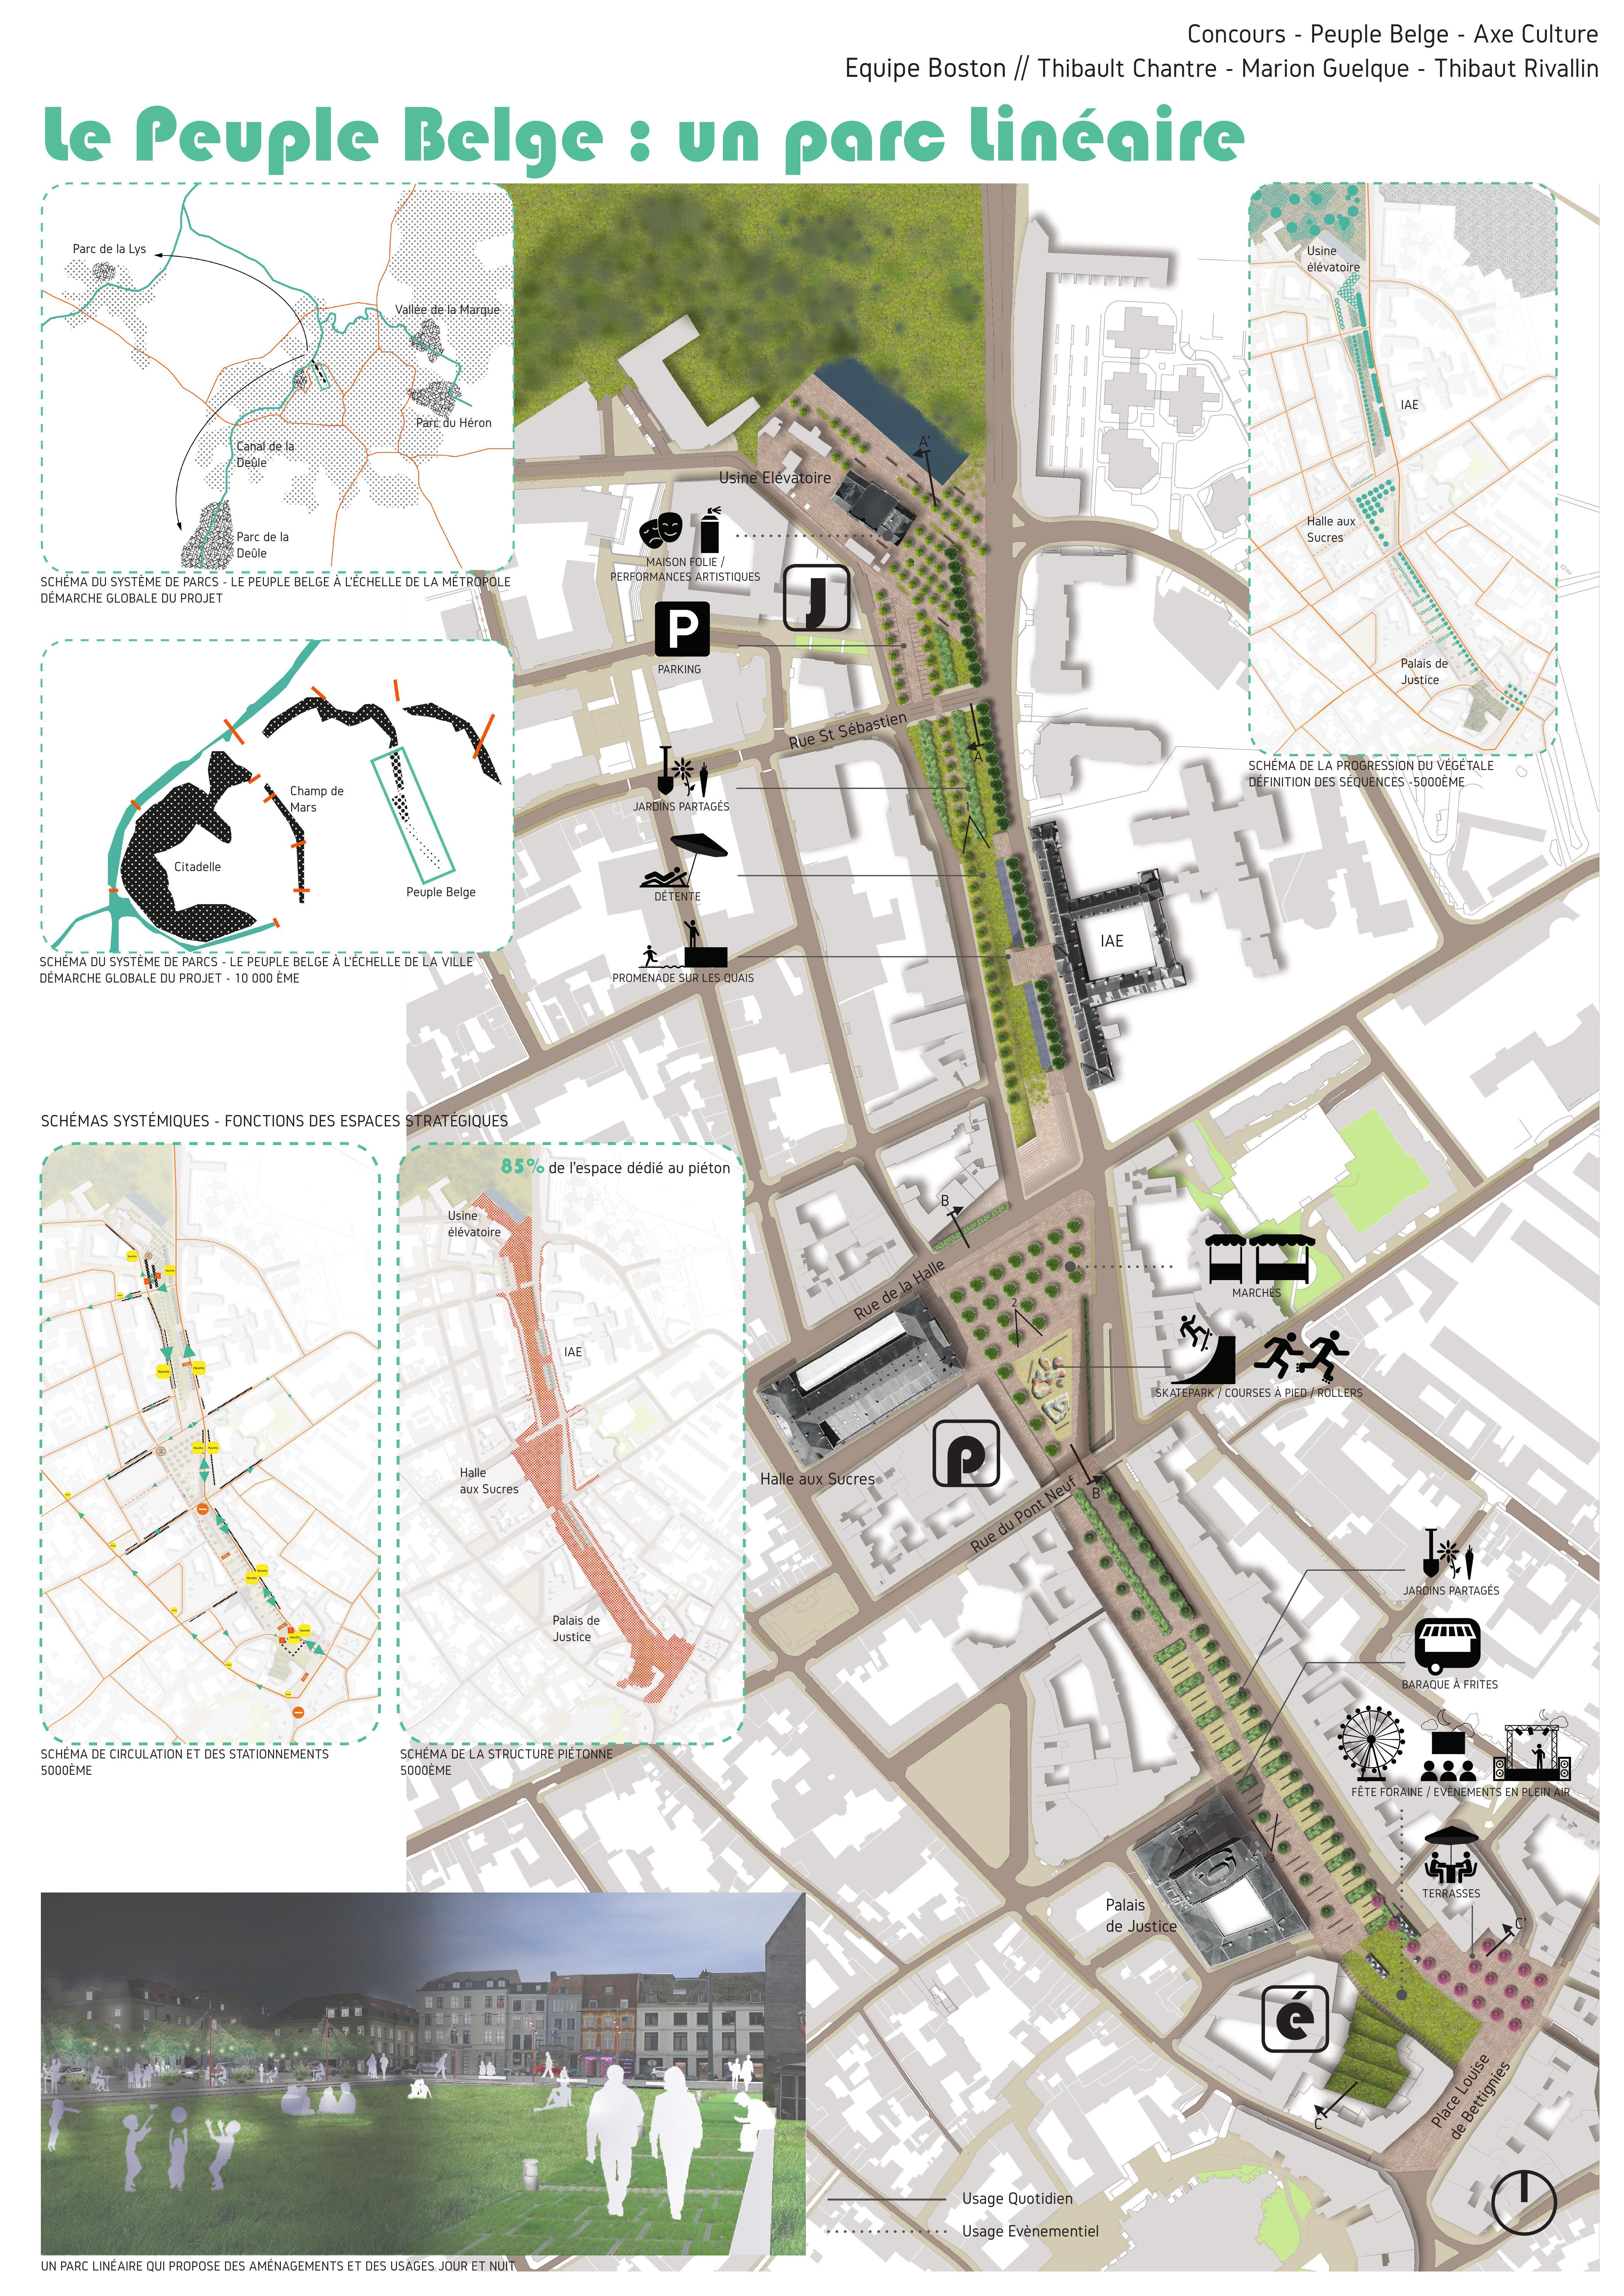 Equipe Boston Planche projet A0 Peuple Belge parc lineaire_000001